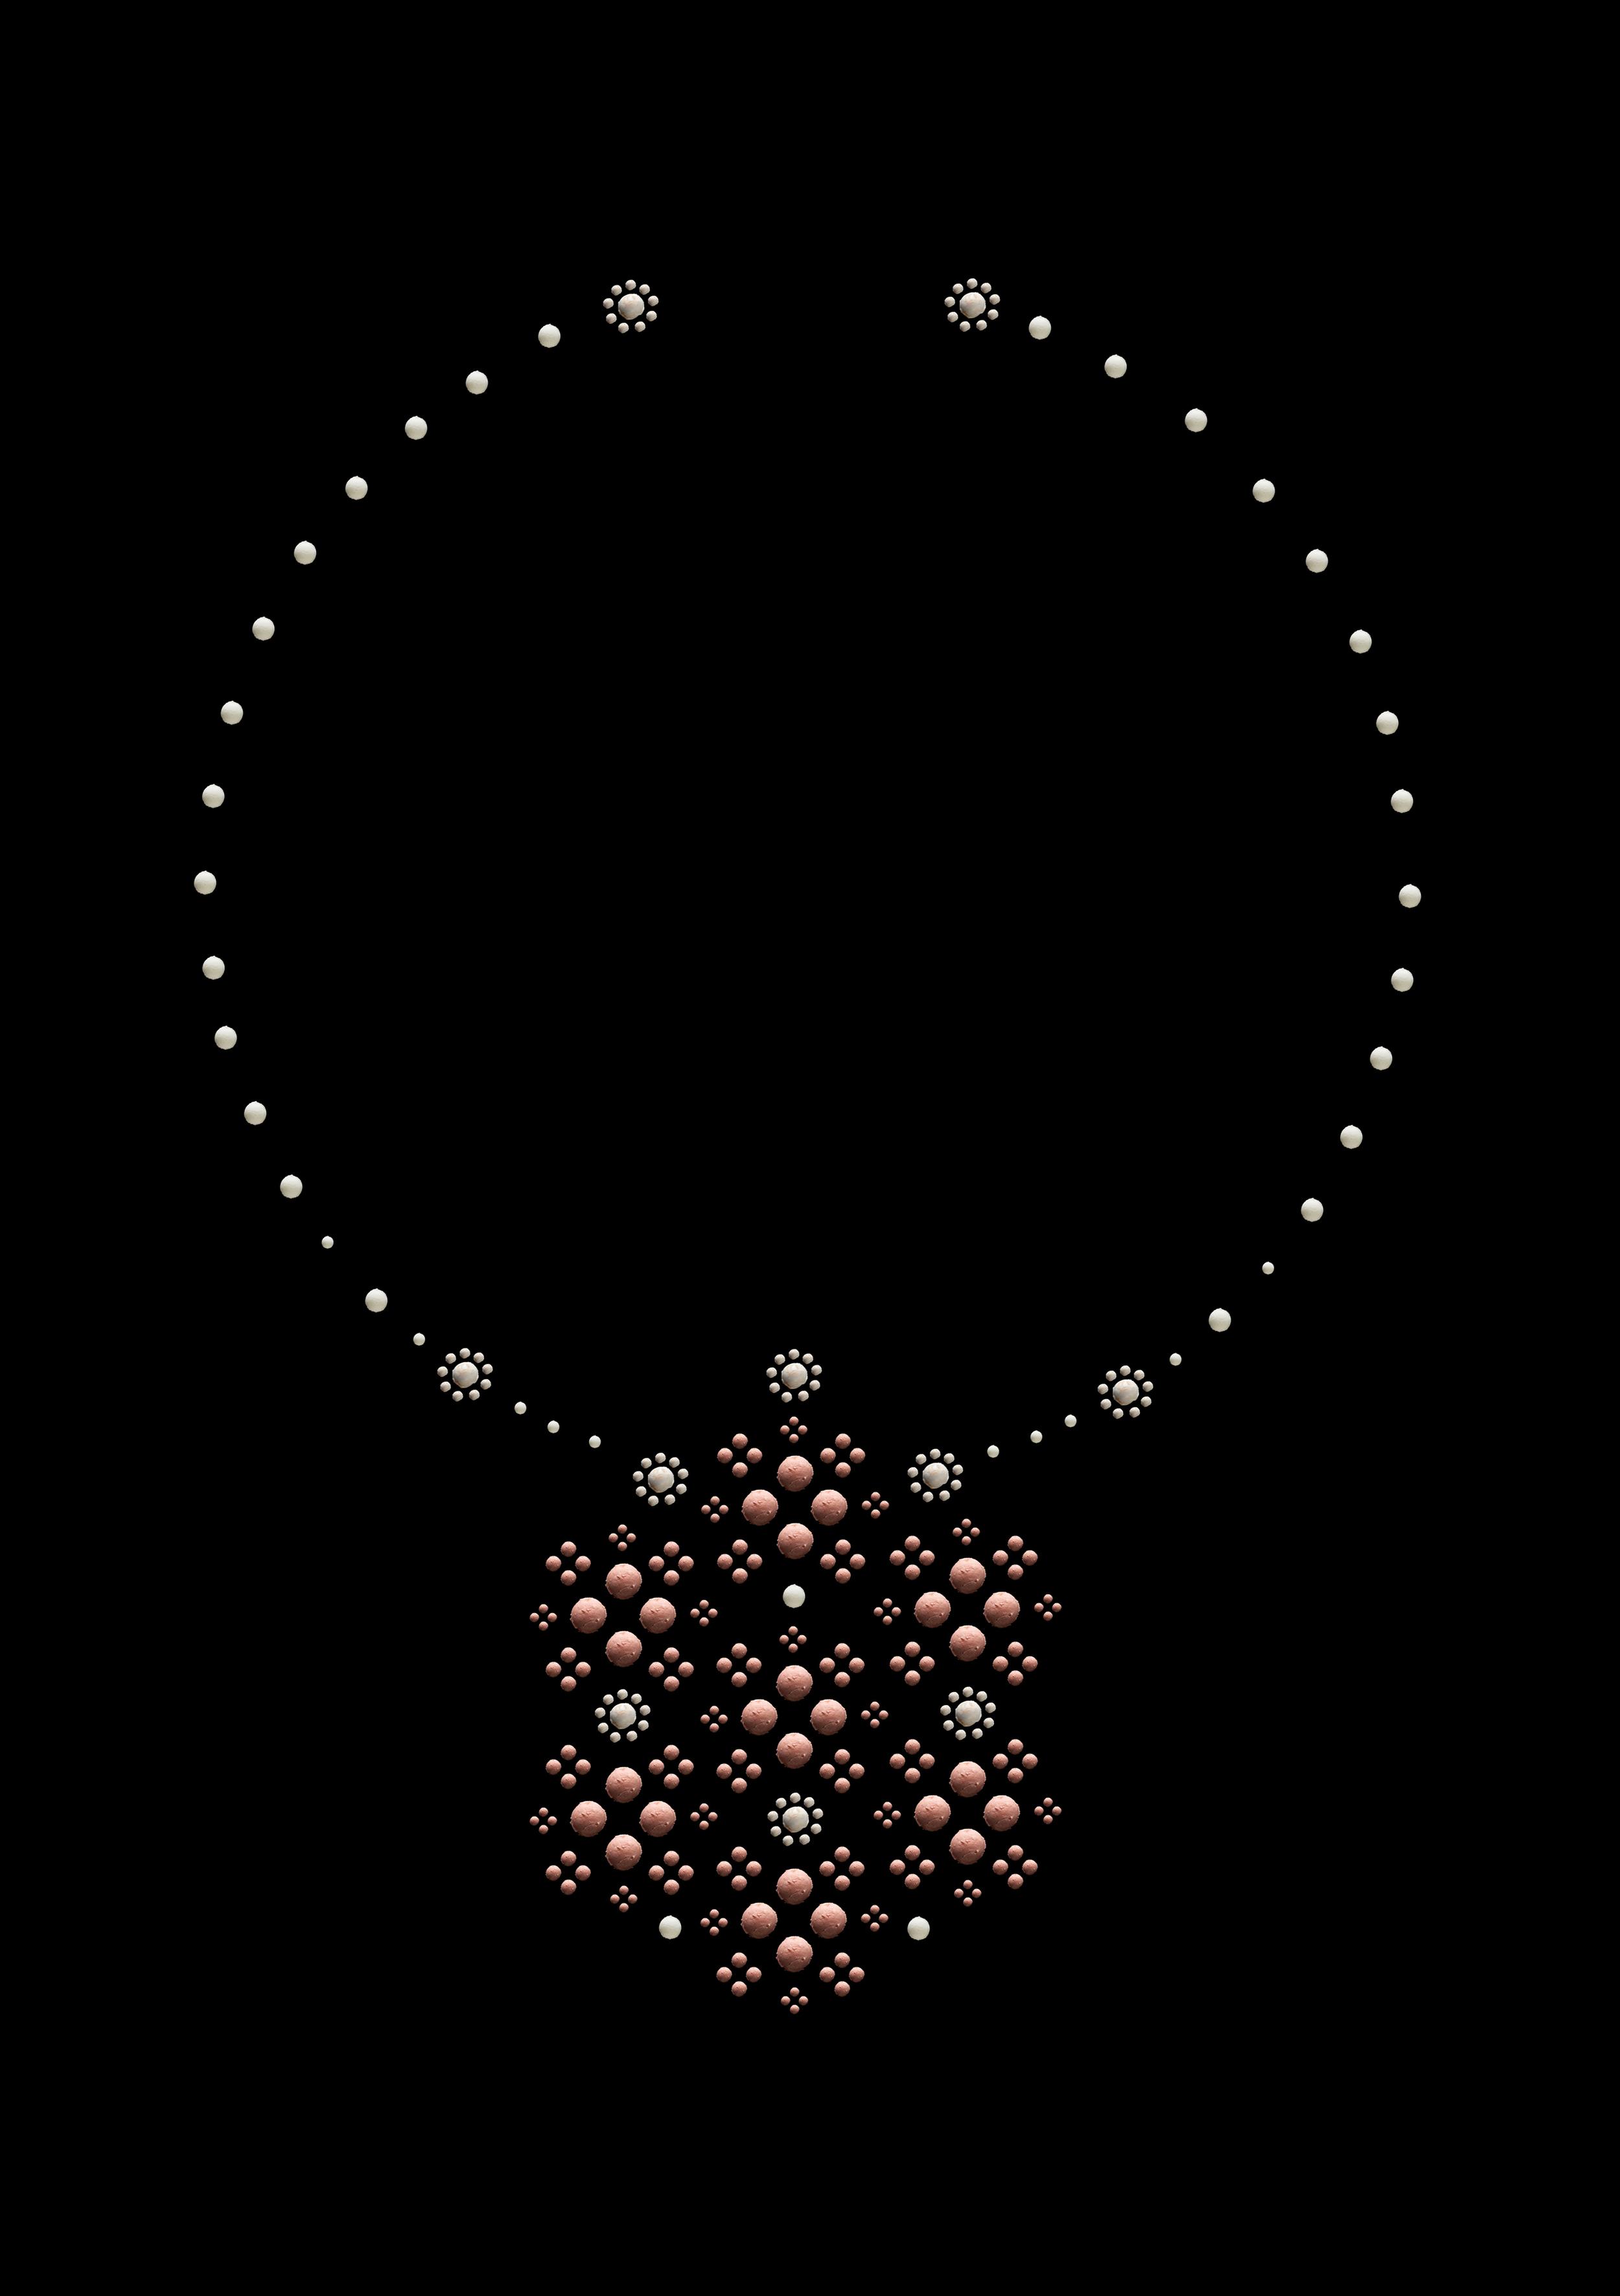 Collar2.jpg